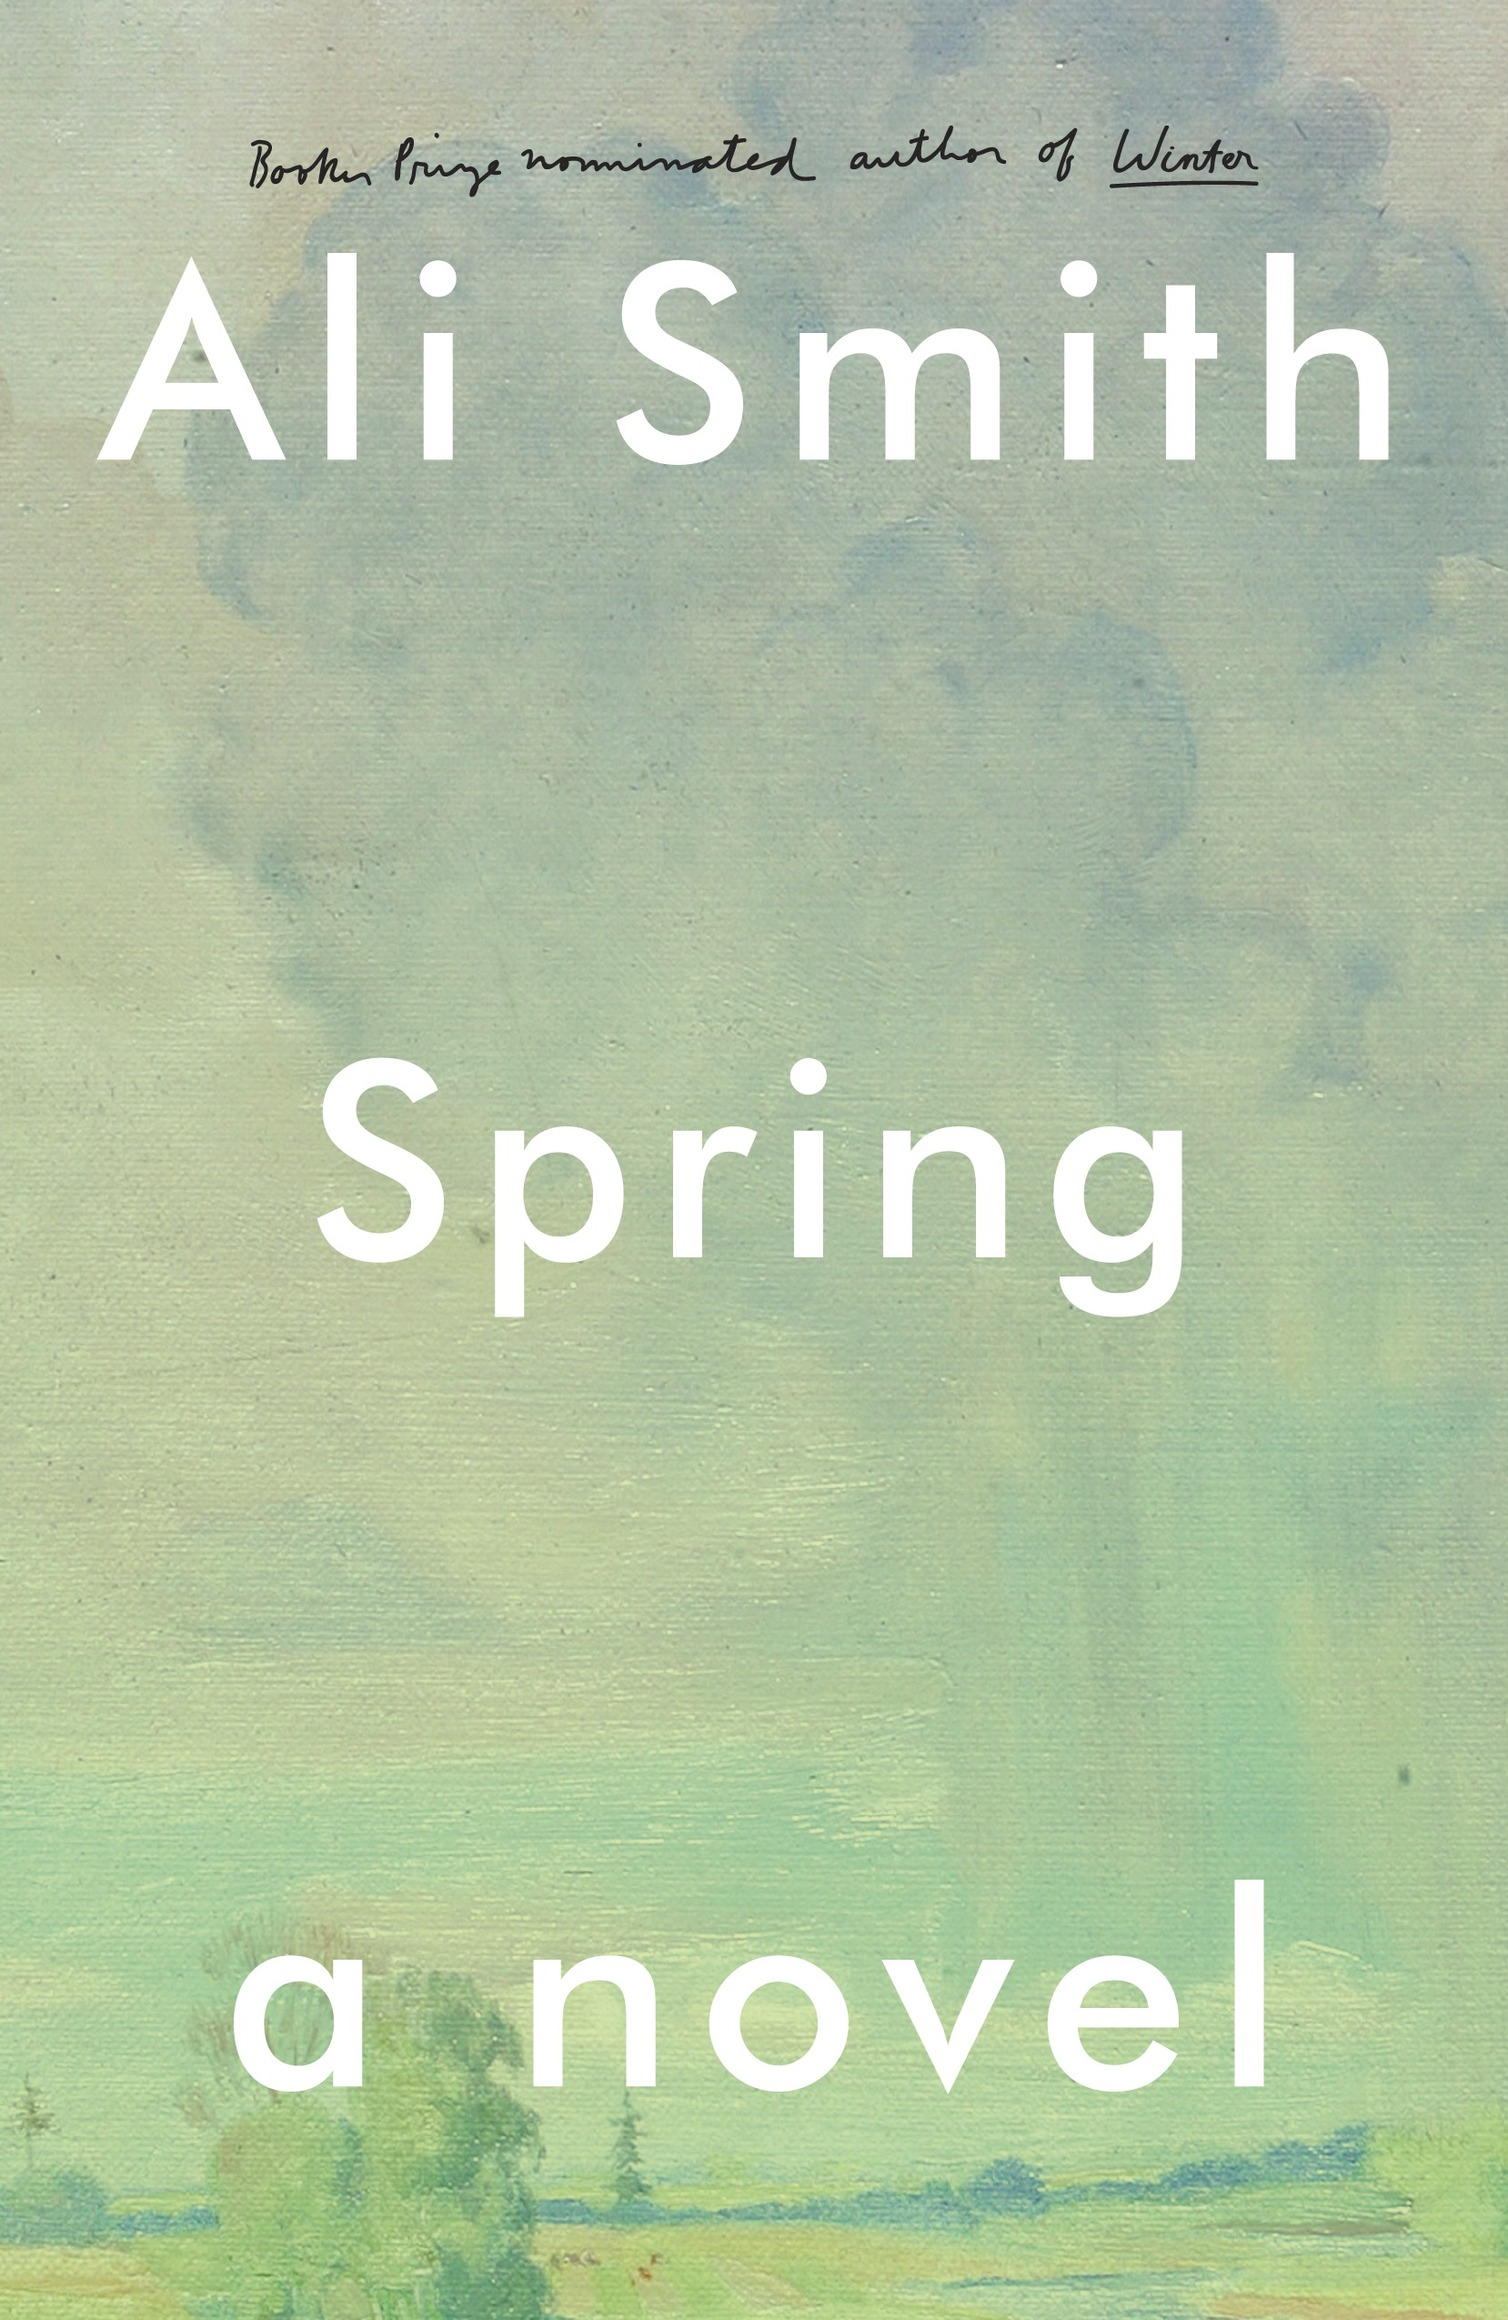 book: spring